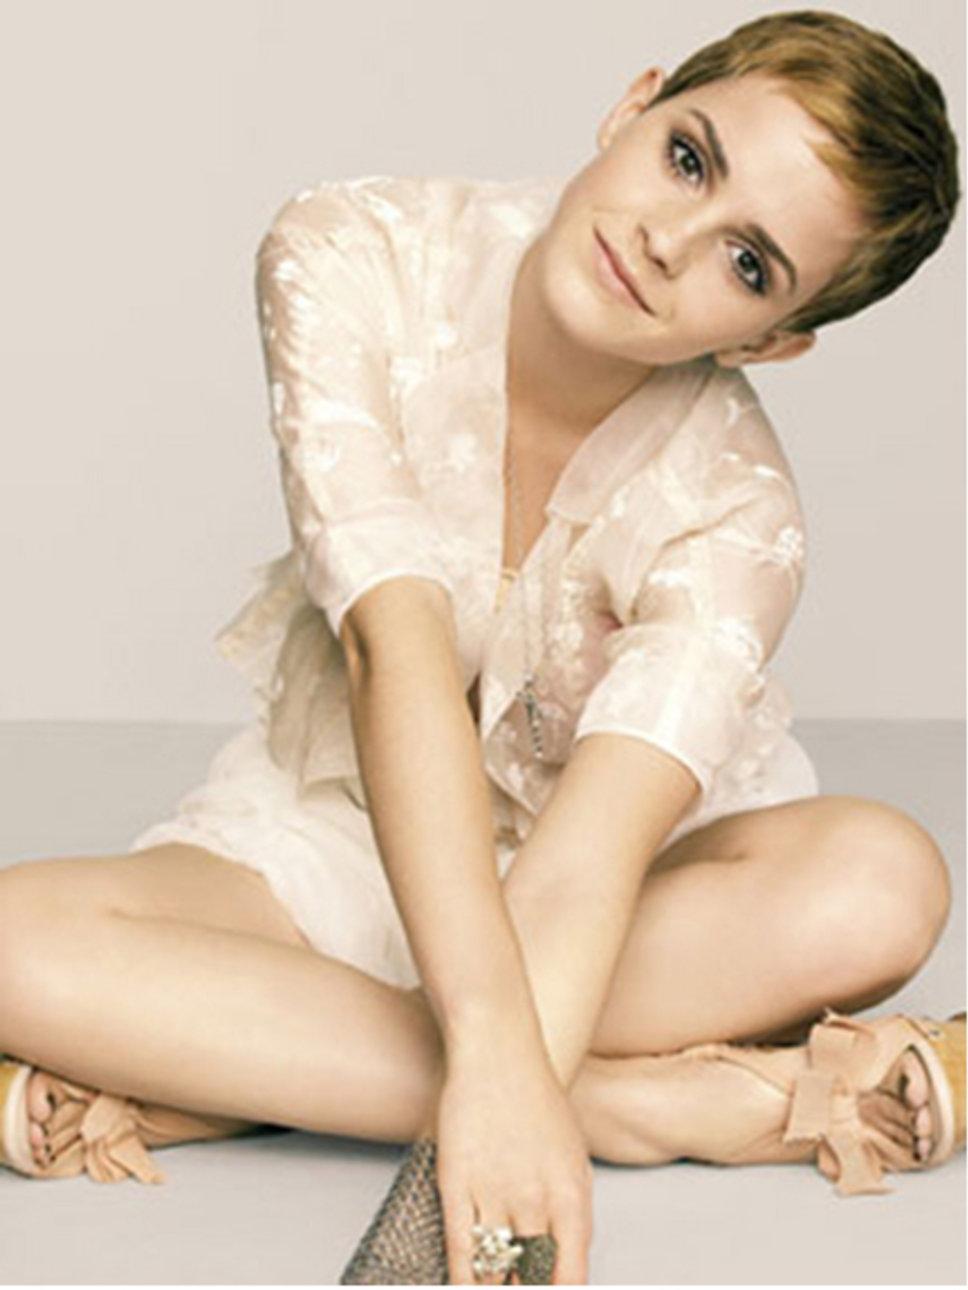 Emma Watson Emma Watson: www.fanpop.com/clubs/emma-watson/images/21937966/title/emma-watson...